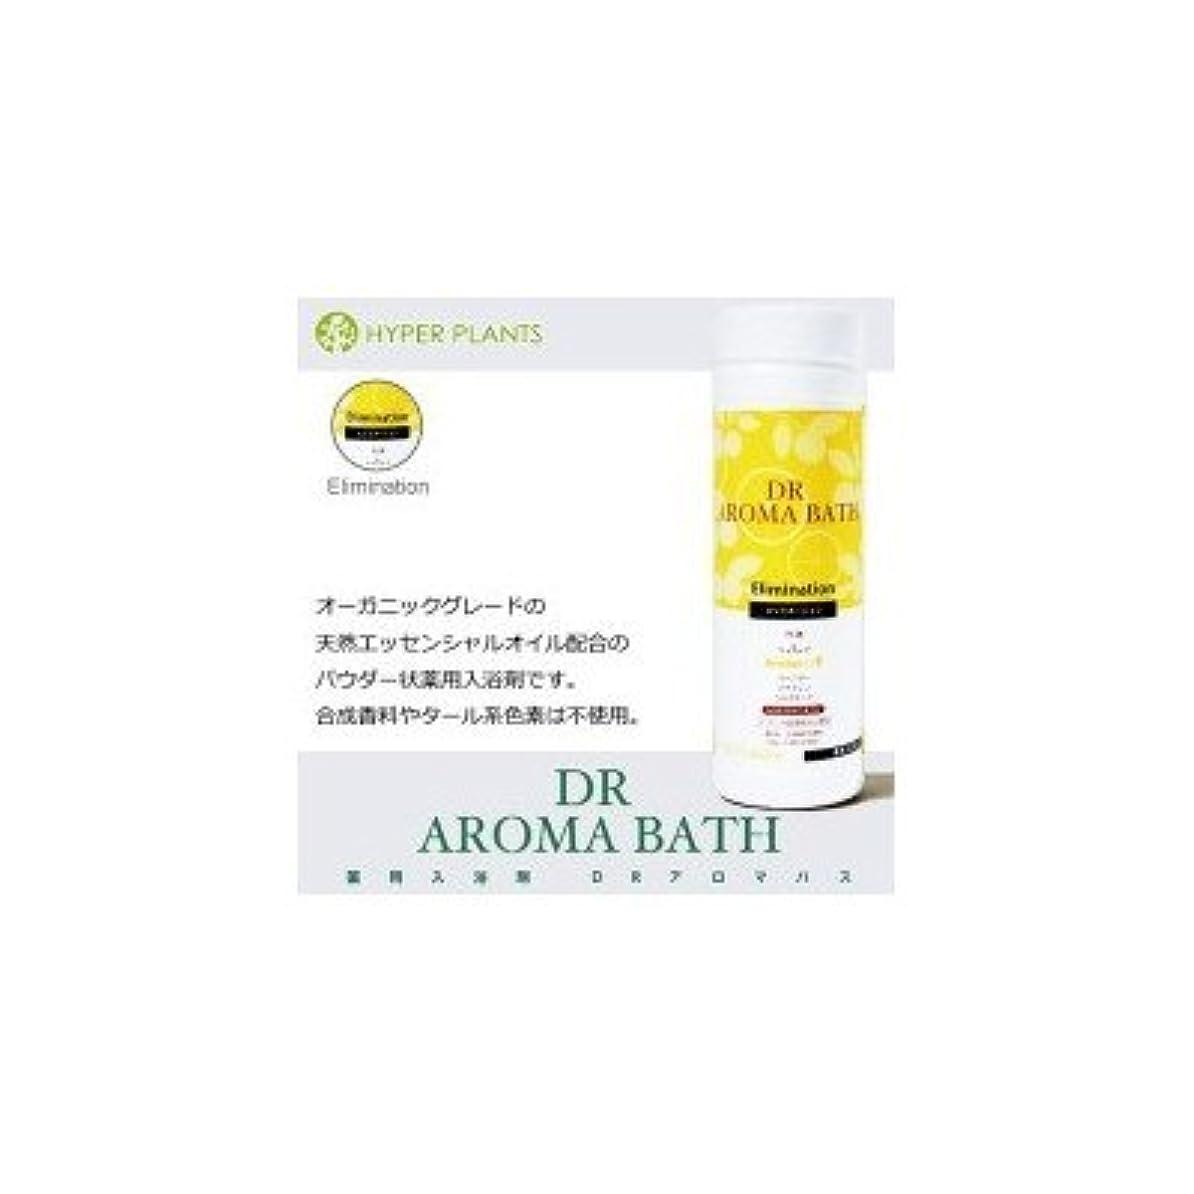 フリース認識安定医薬部外品 薬用入浴剤 ハイパープランツ(HYPER PLANTS) DRアロマバス エリミネーション 500g HNB006